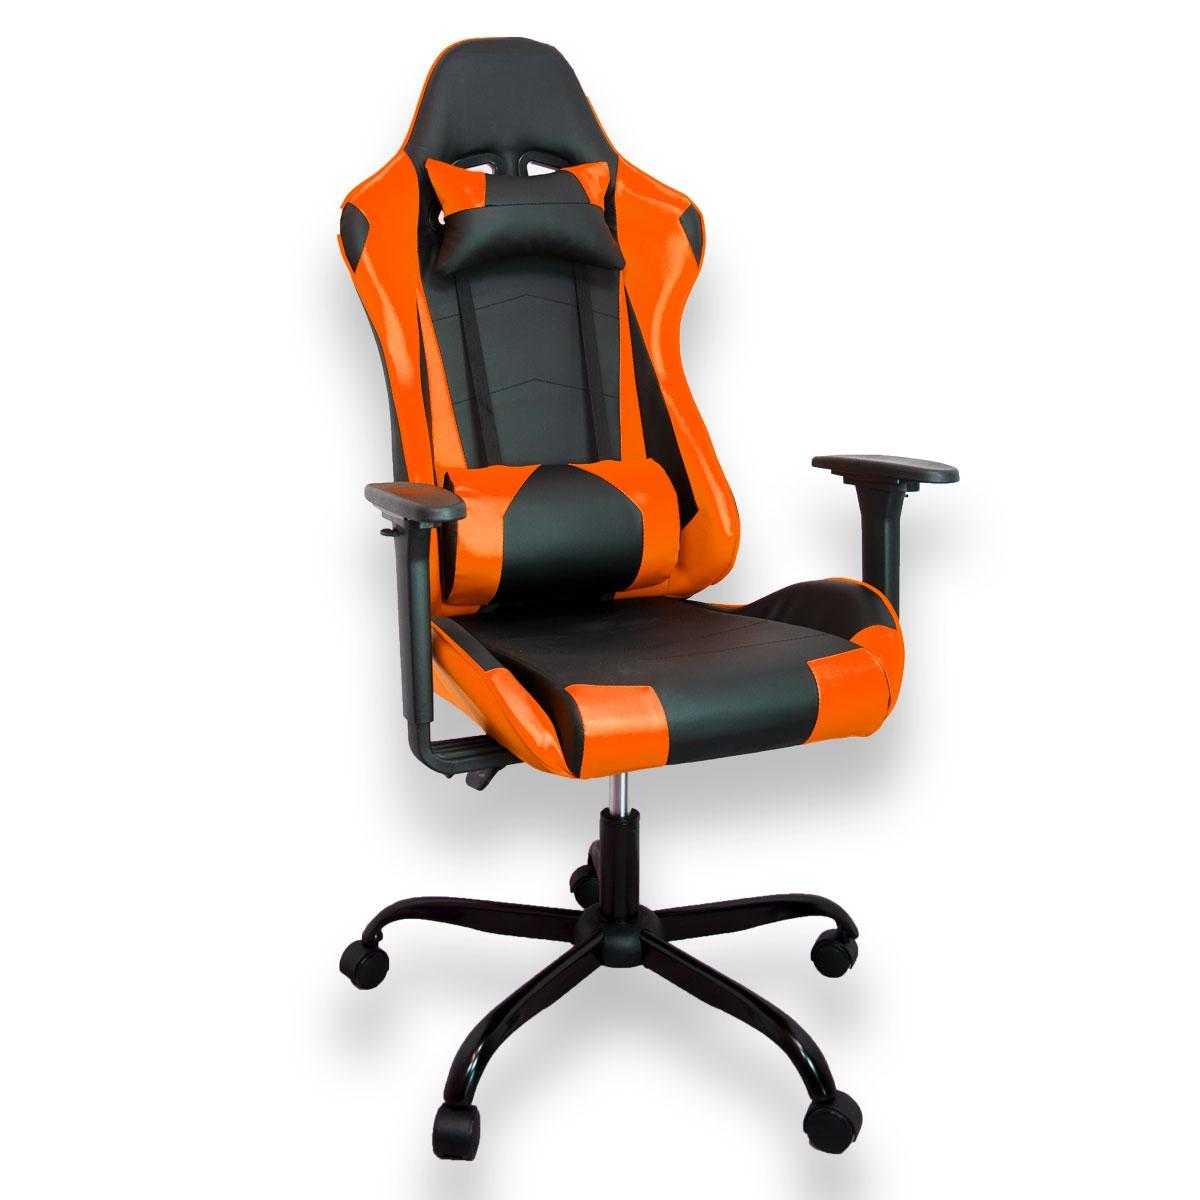 miniatura 5 - Sedia Poltrona da Gaming per Ufficio reclinabile Imbottita ergonomica GTX RTX